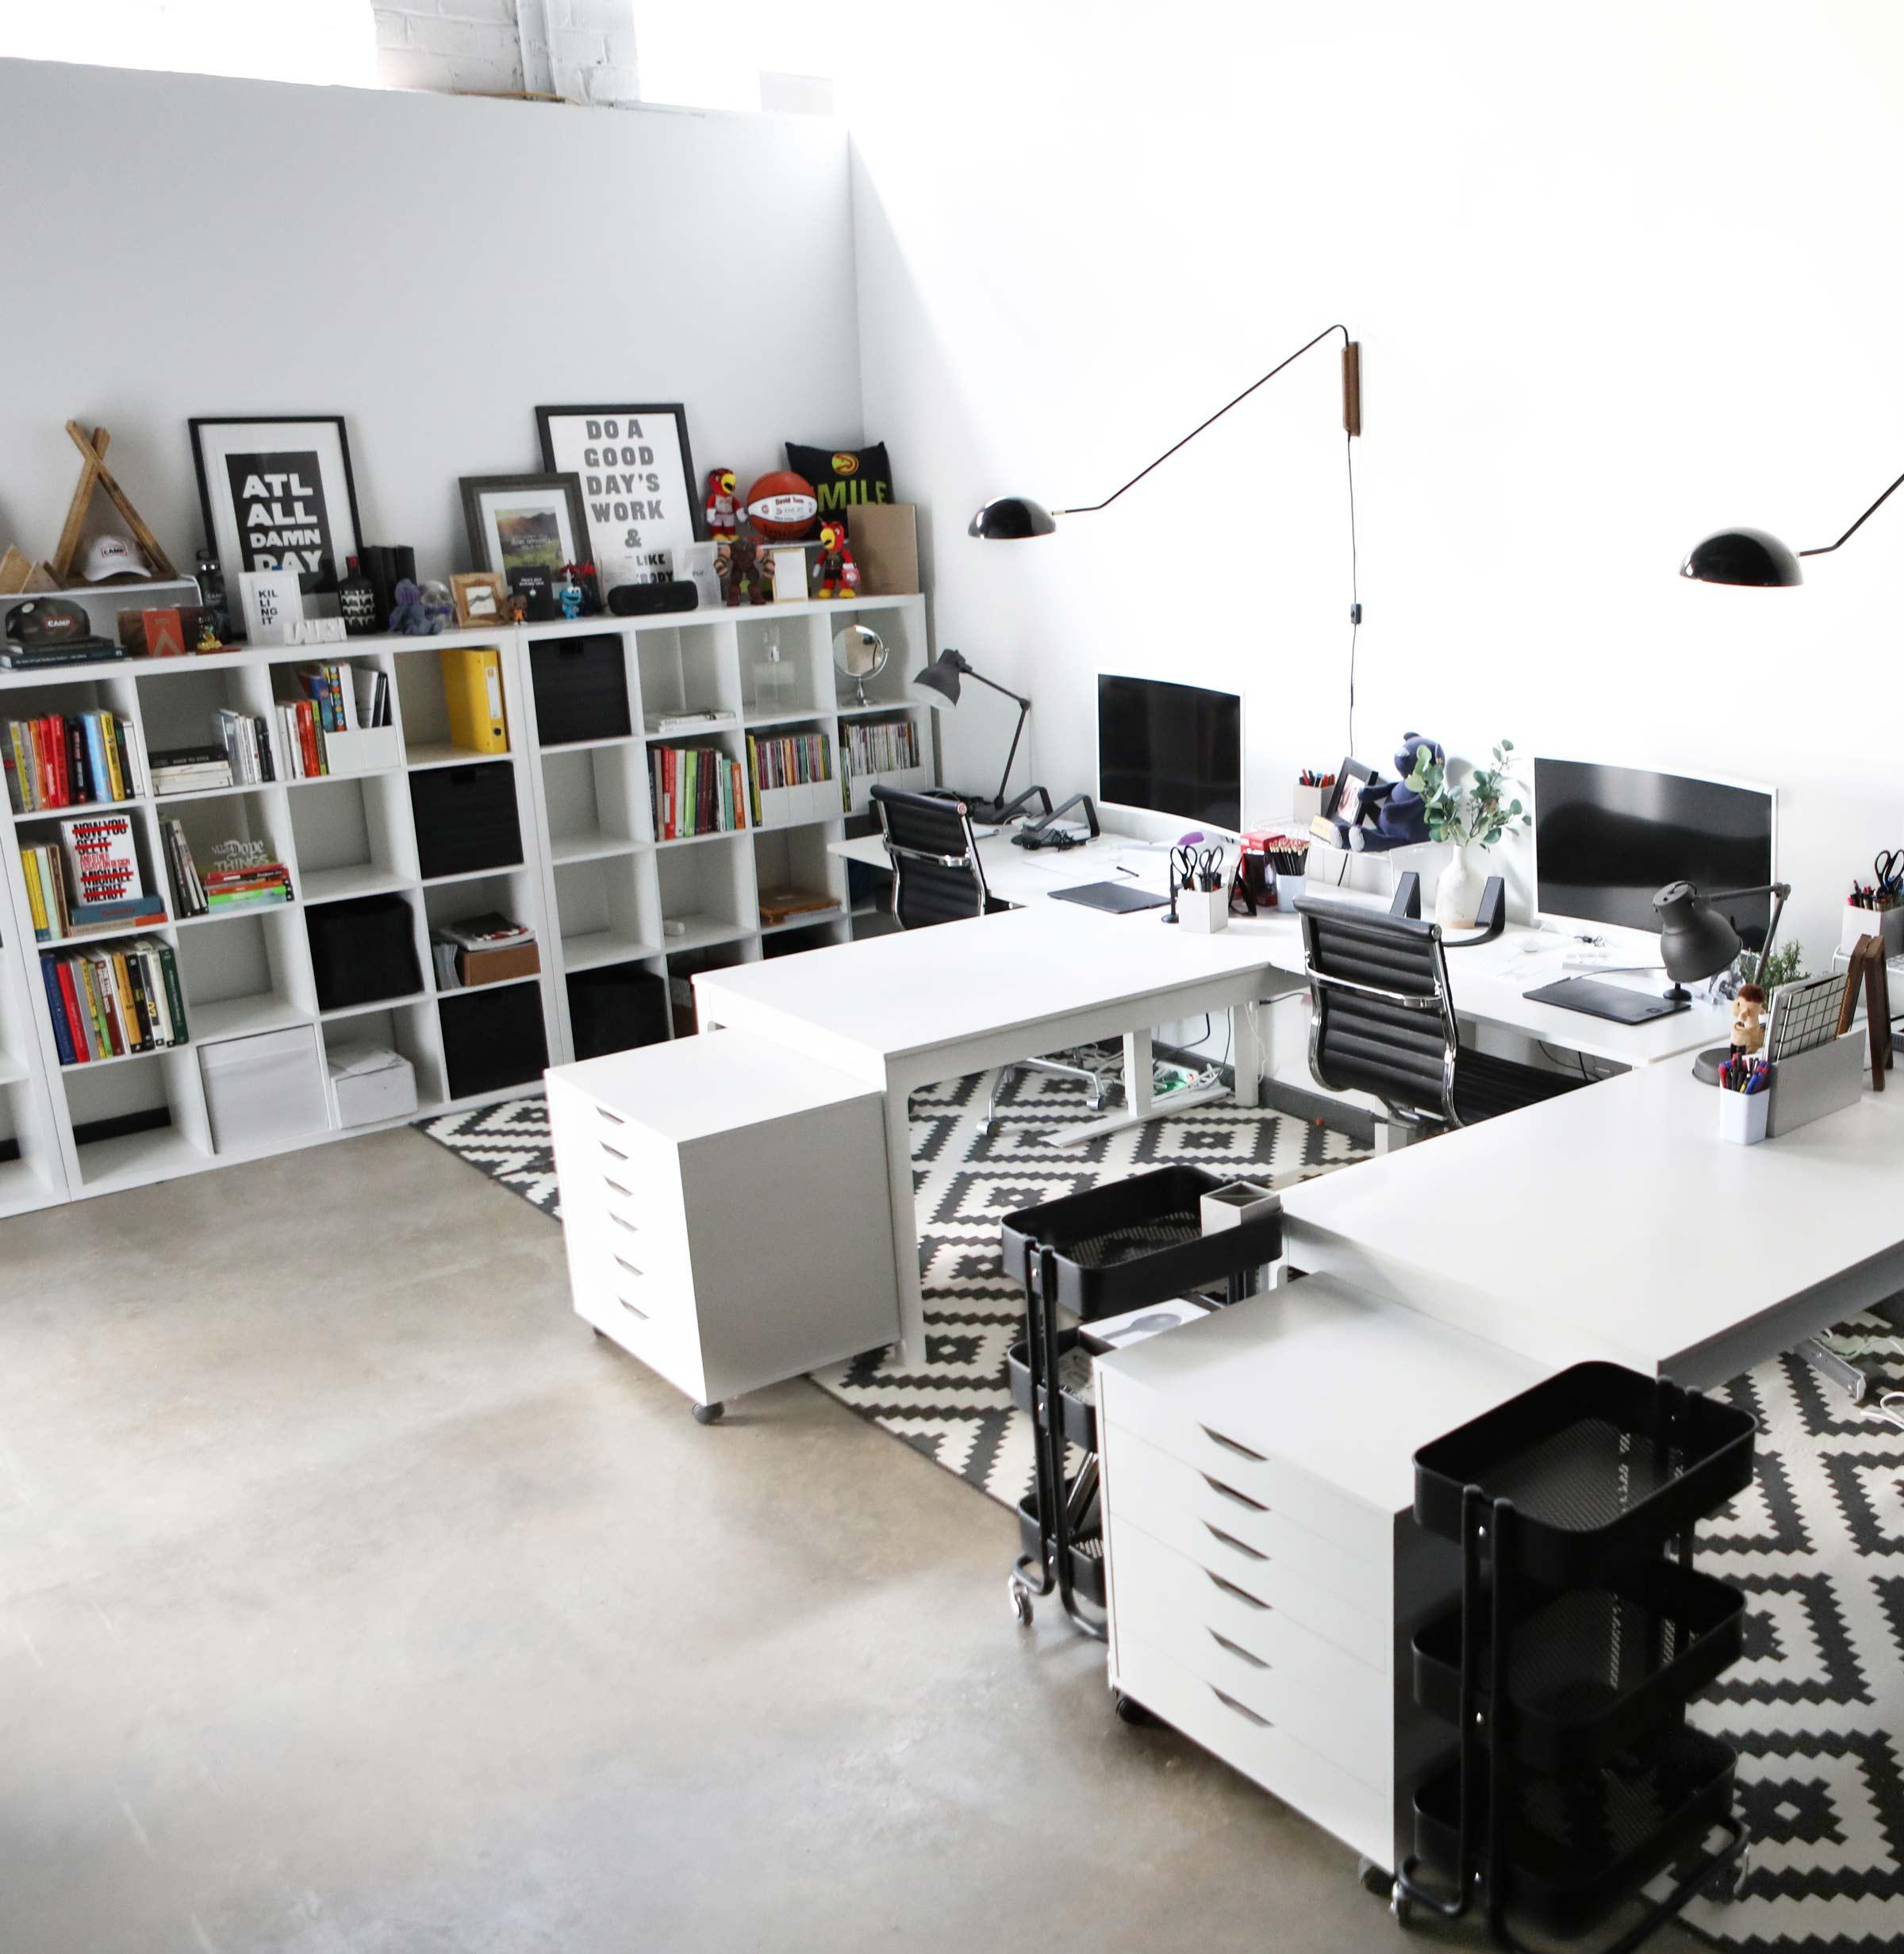 Tantrum Work space